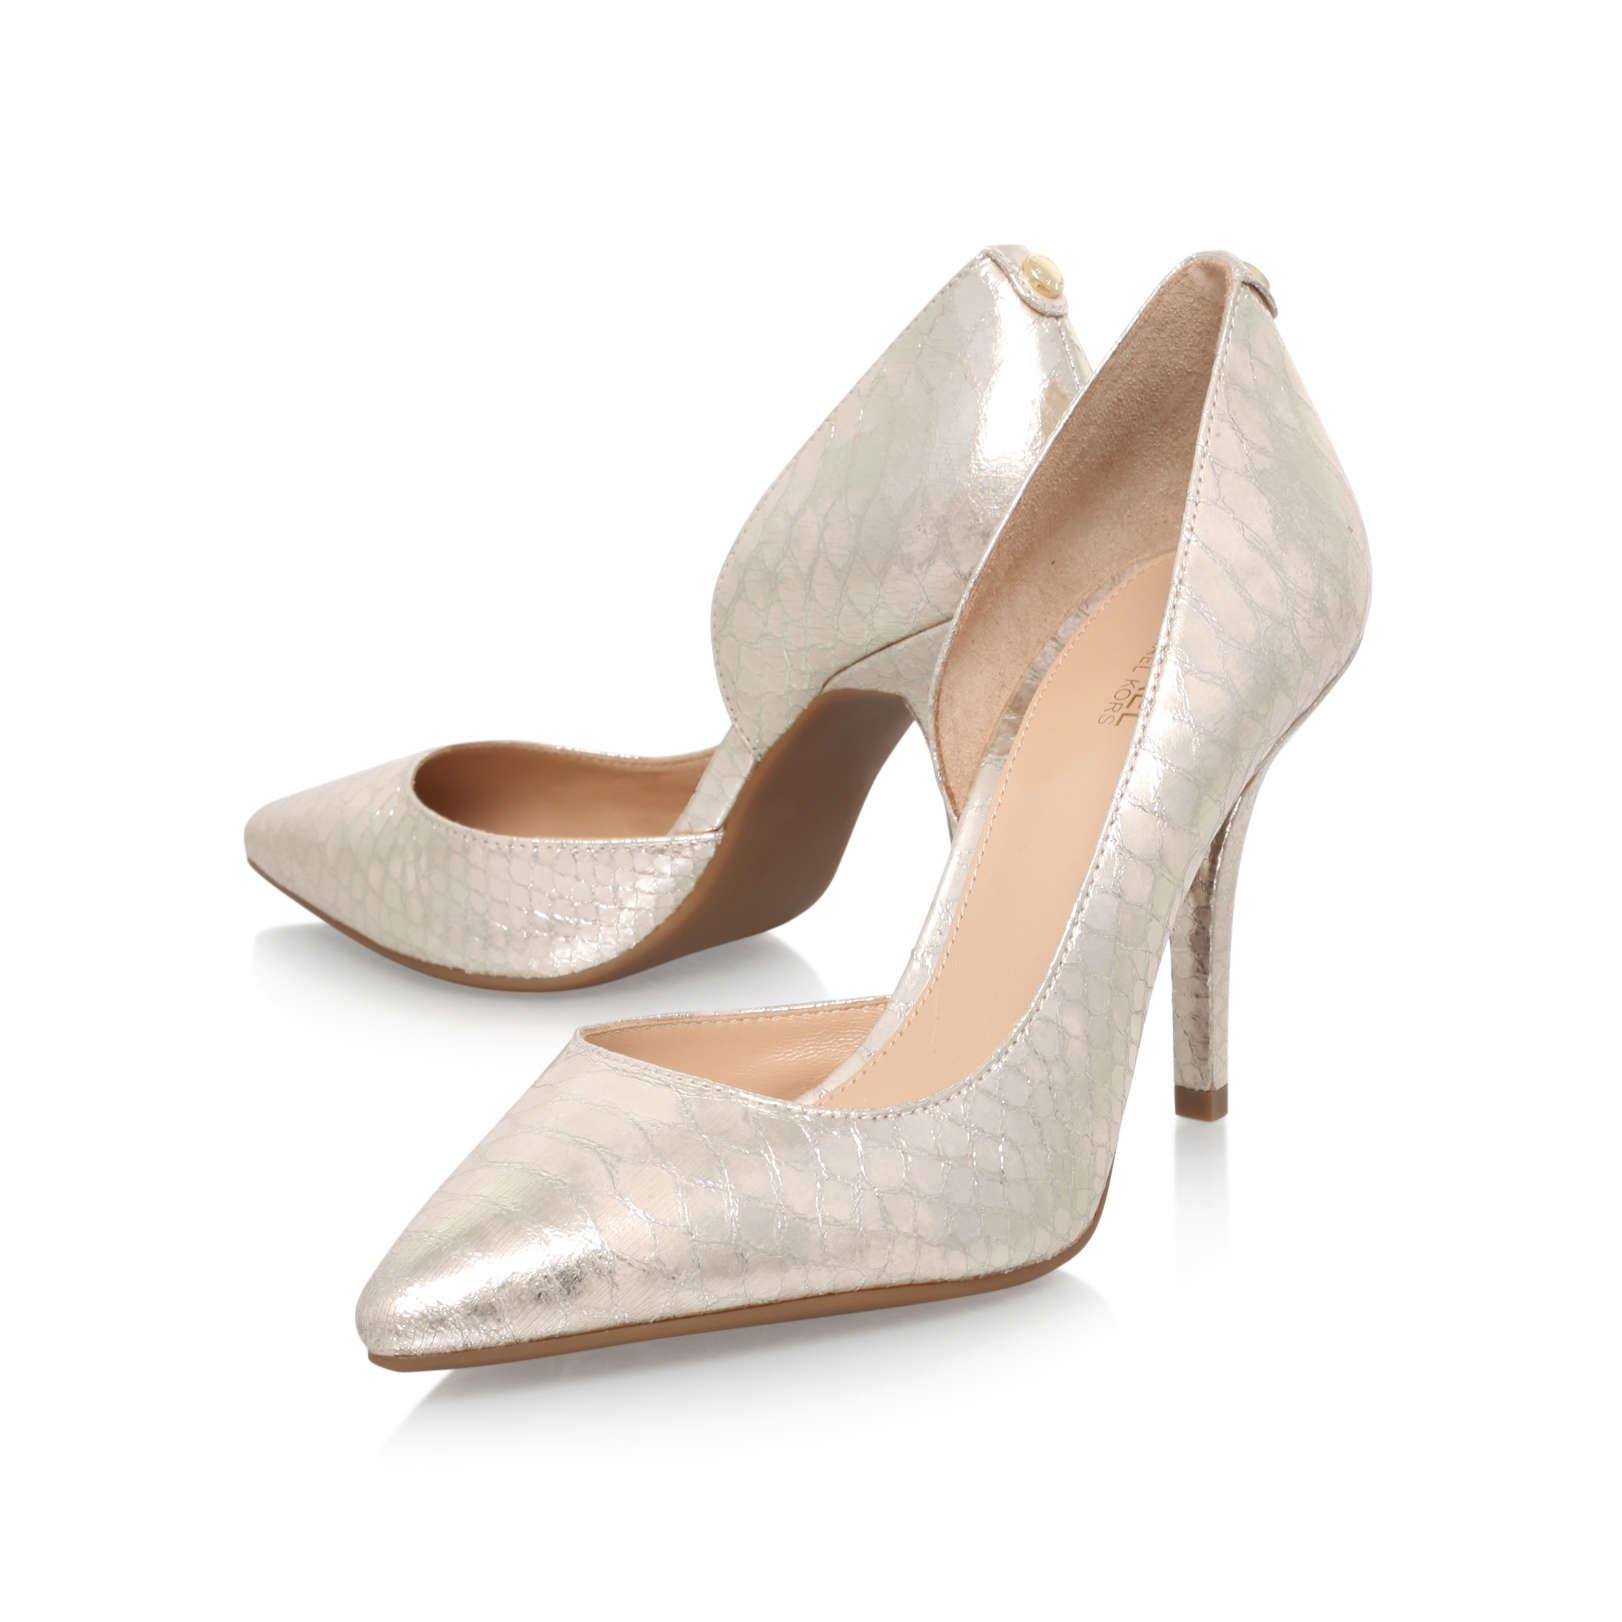 485ce62d665 ... NATHALIE FLEX HIGH PUMP Michael Michael Kors Nathalie Flex High Pump  Gold Printed Leather High Heel .